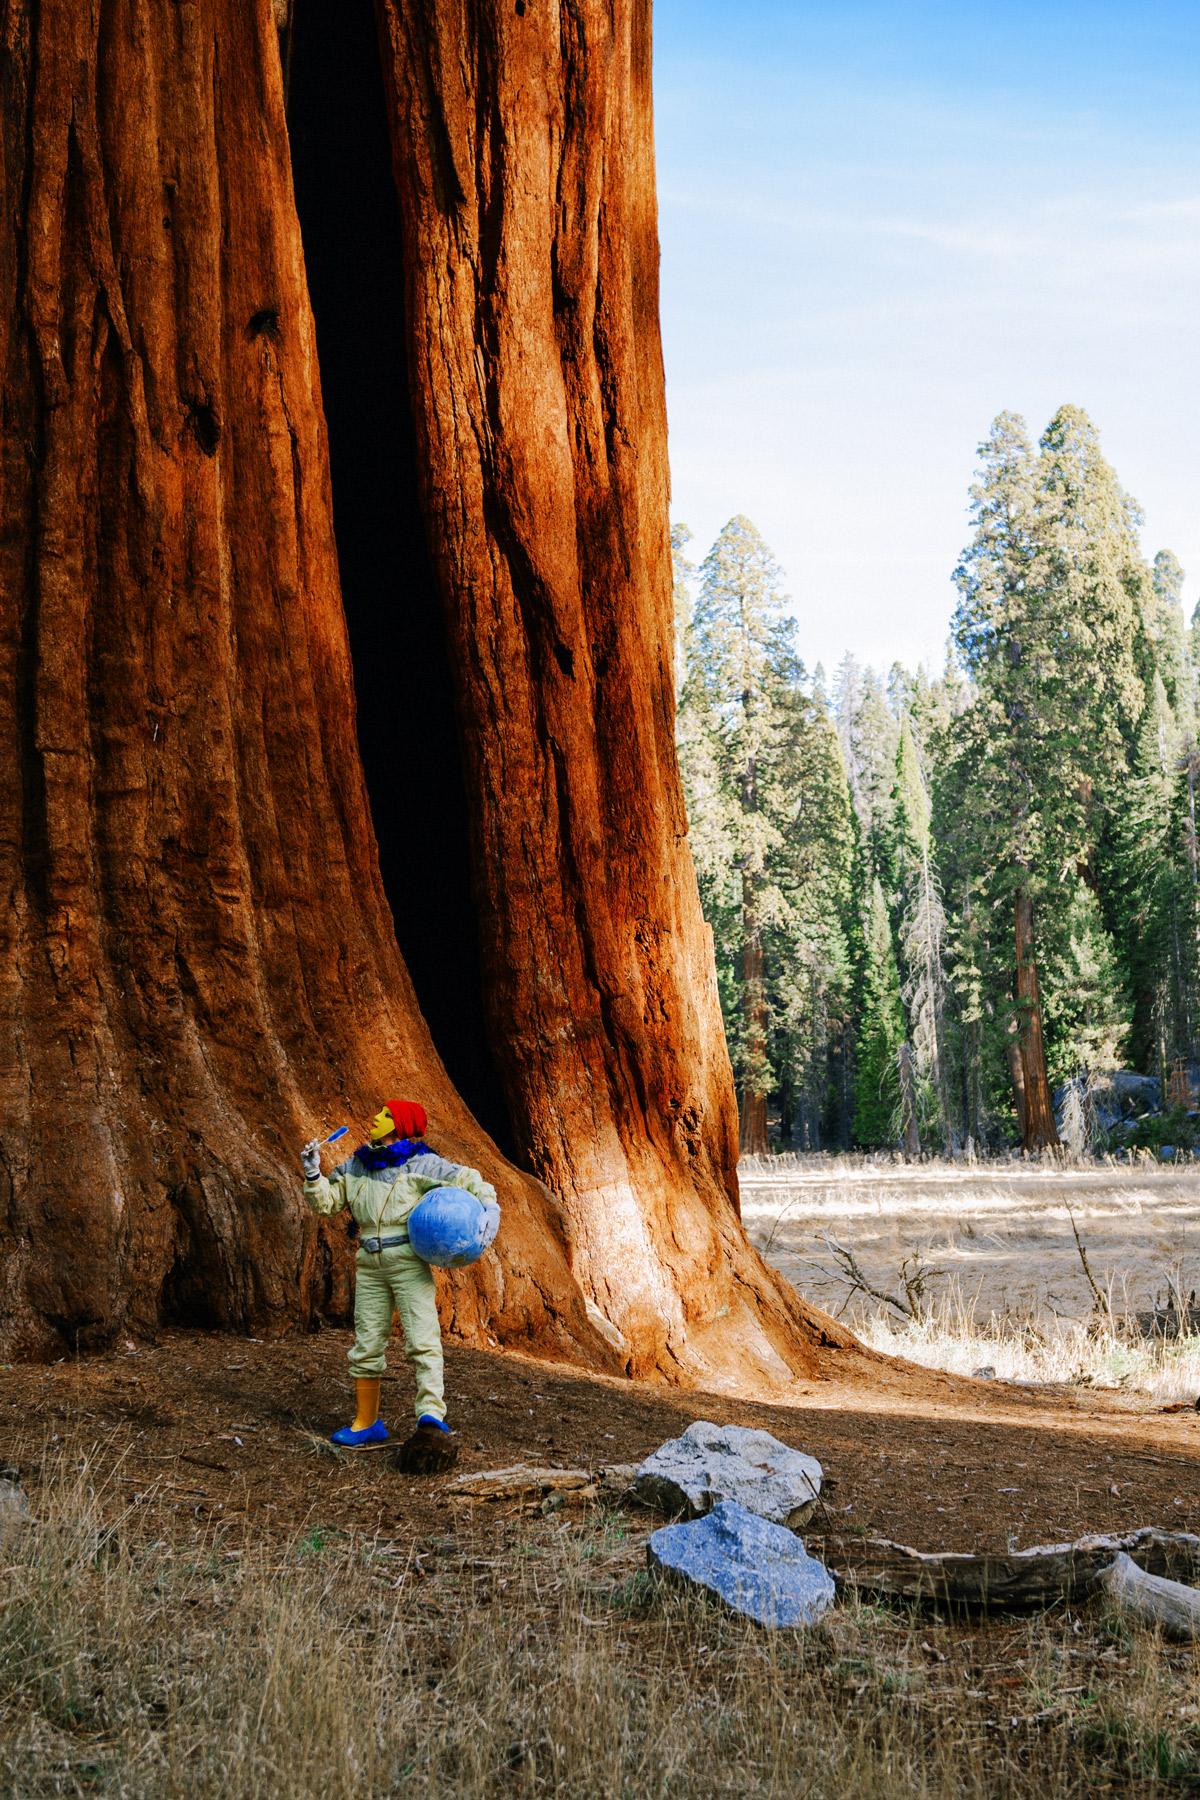 tabea_simple_bigdreamamerica_sequoia_03.jpg